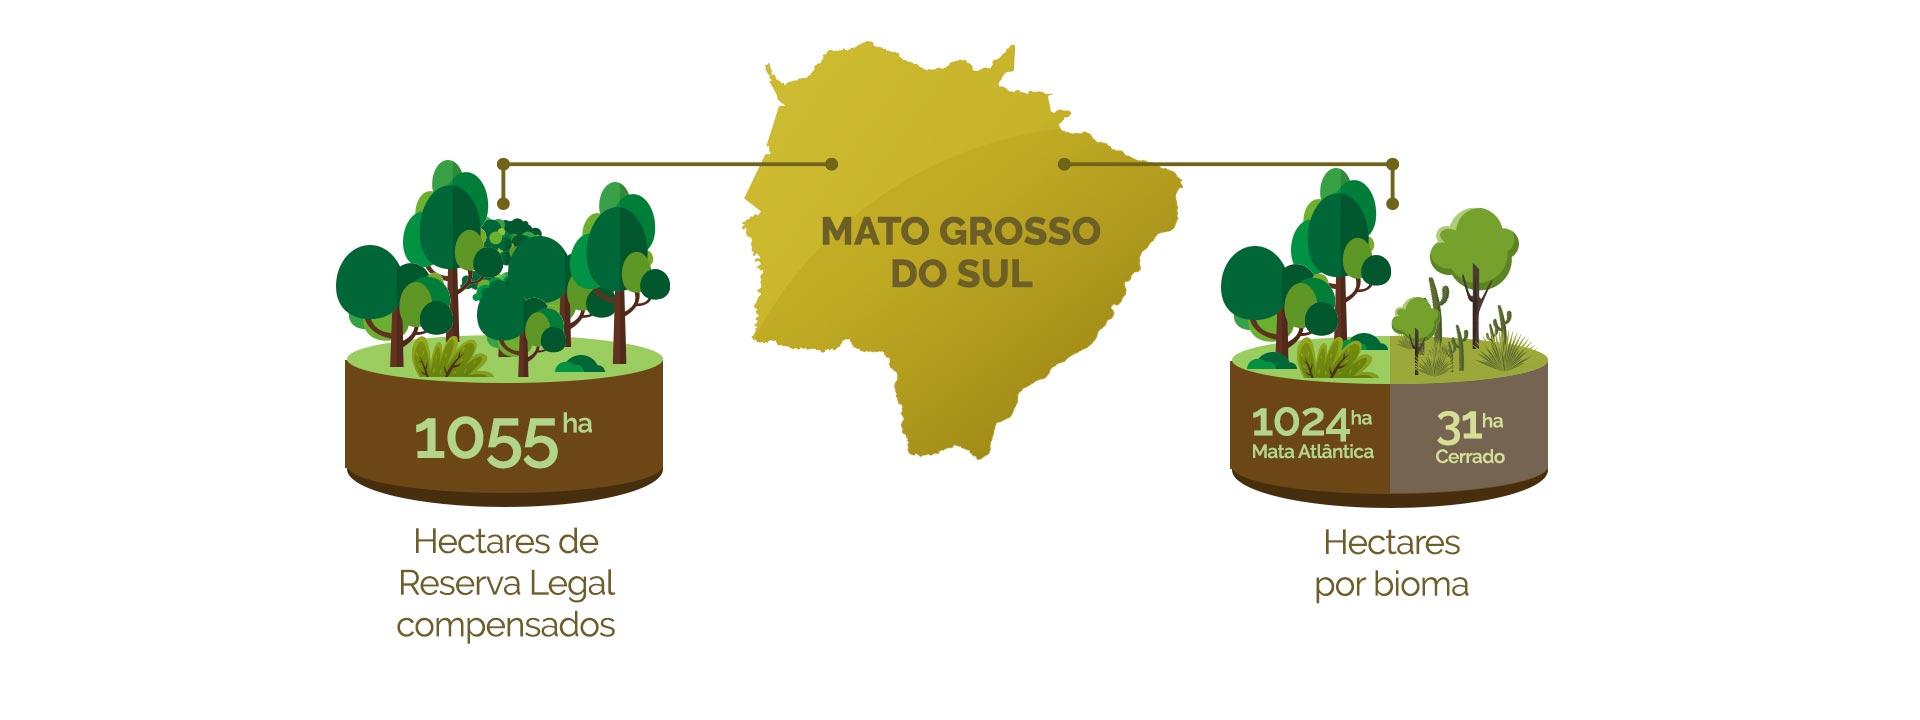 Mato Grosso do Sul - Hectares de Reserva legal compensados x Hectares por bioma